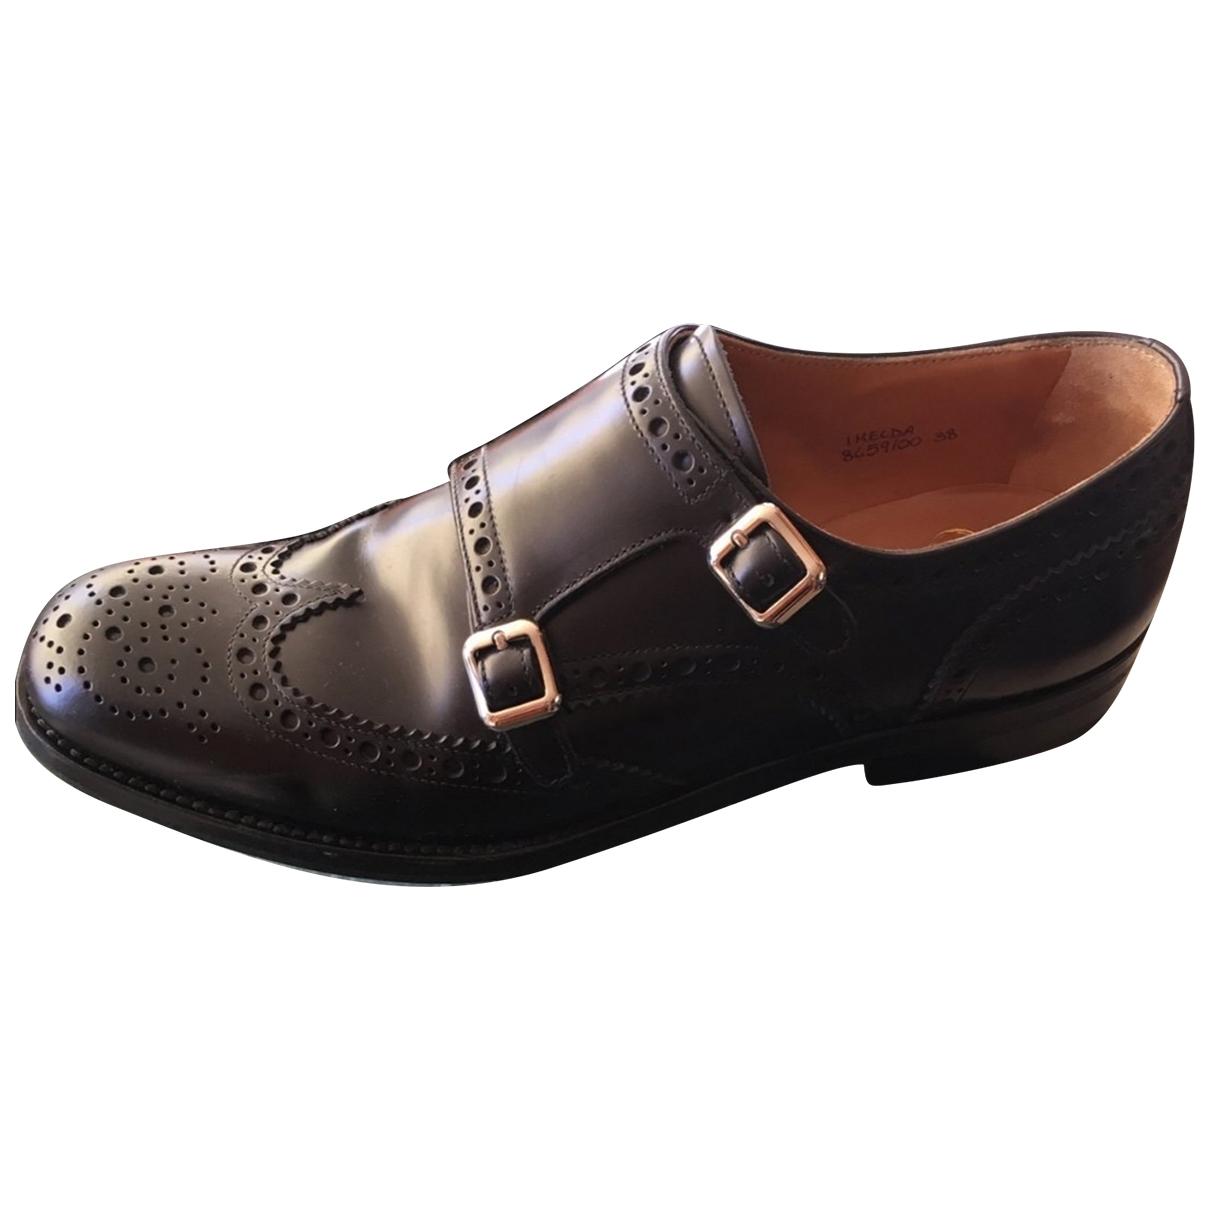 Churchs - Derbies   pour femme en cuir - noir